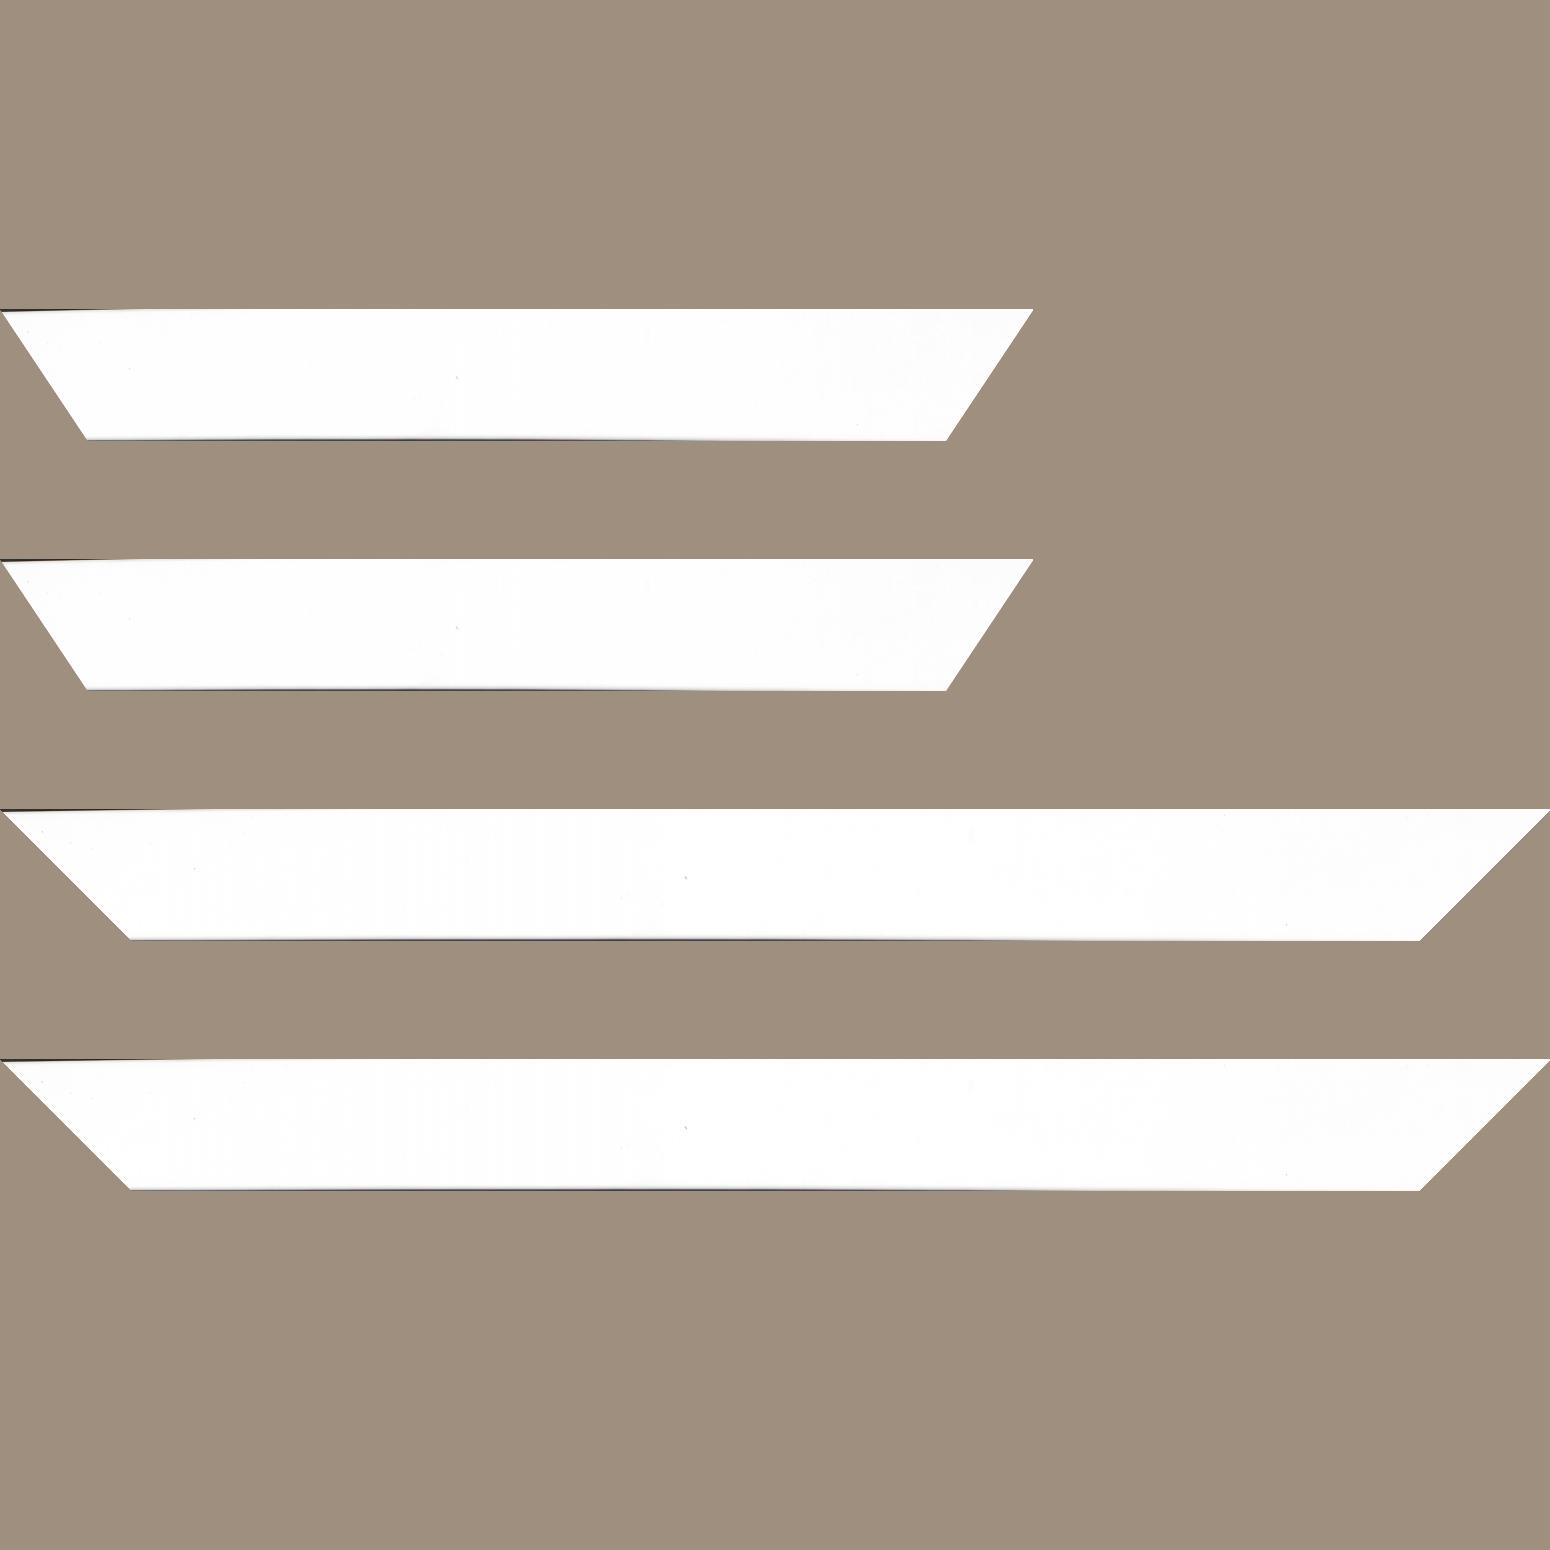 Baguette service précoupé bois profil plat largeur 4.1cm couleur blanc mat finition pore bouché